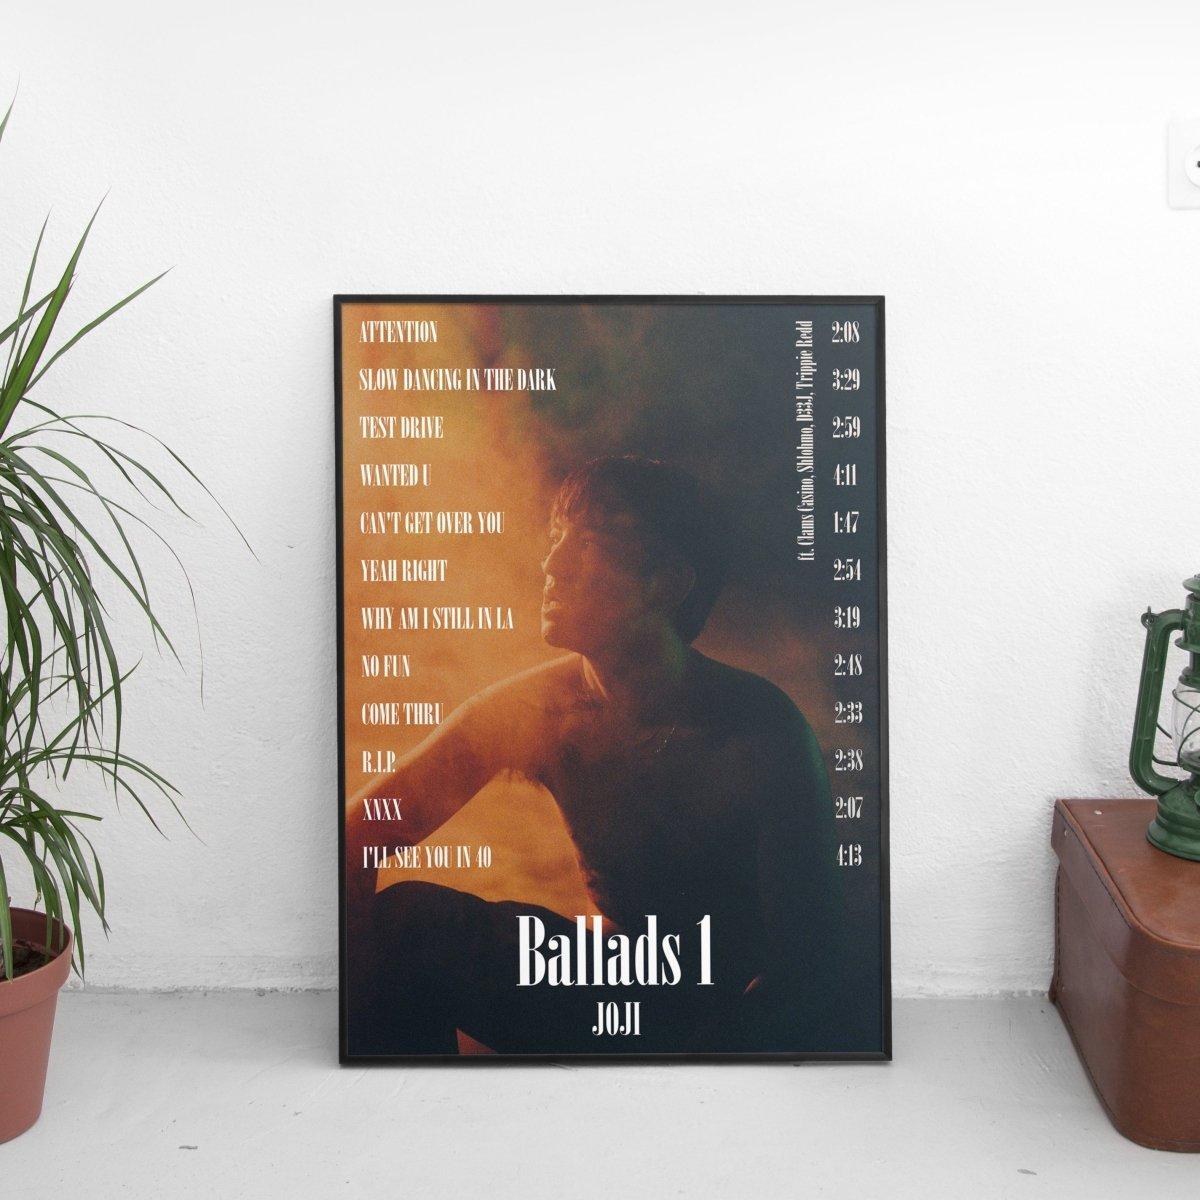 Joji - Ballads 1 Tracklist Poster